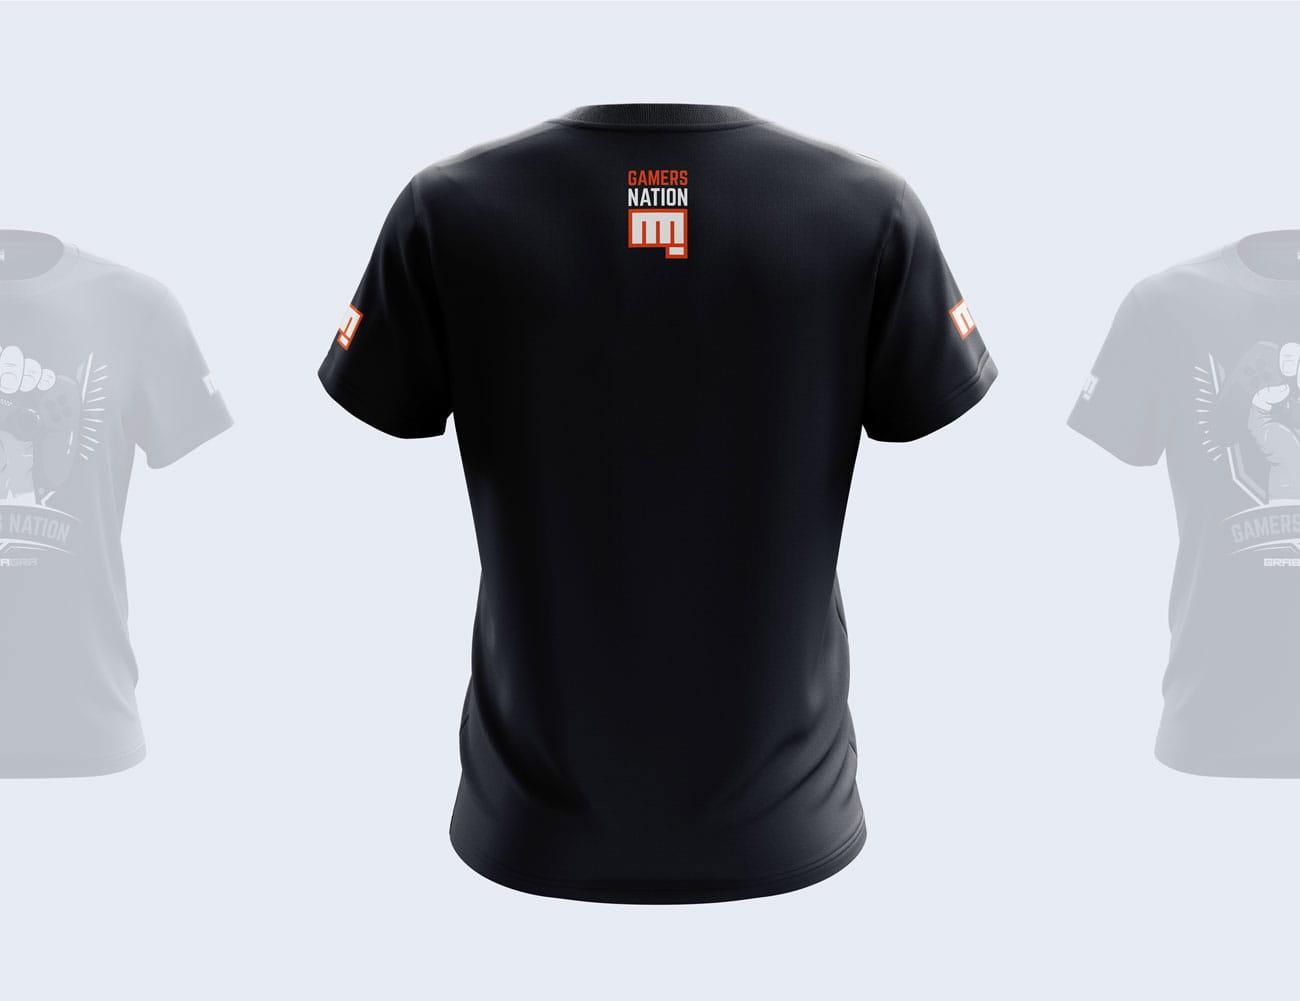 Projekt nadruku na koszulkę Gamers Nation GrabaGra Paweł Grabowski - tył koszulki